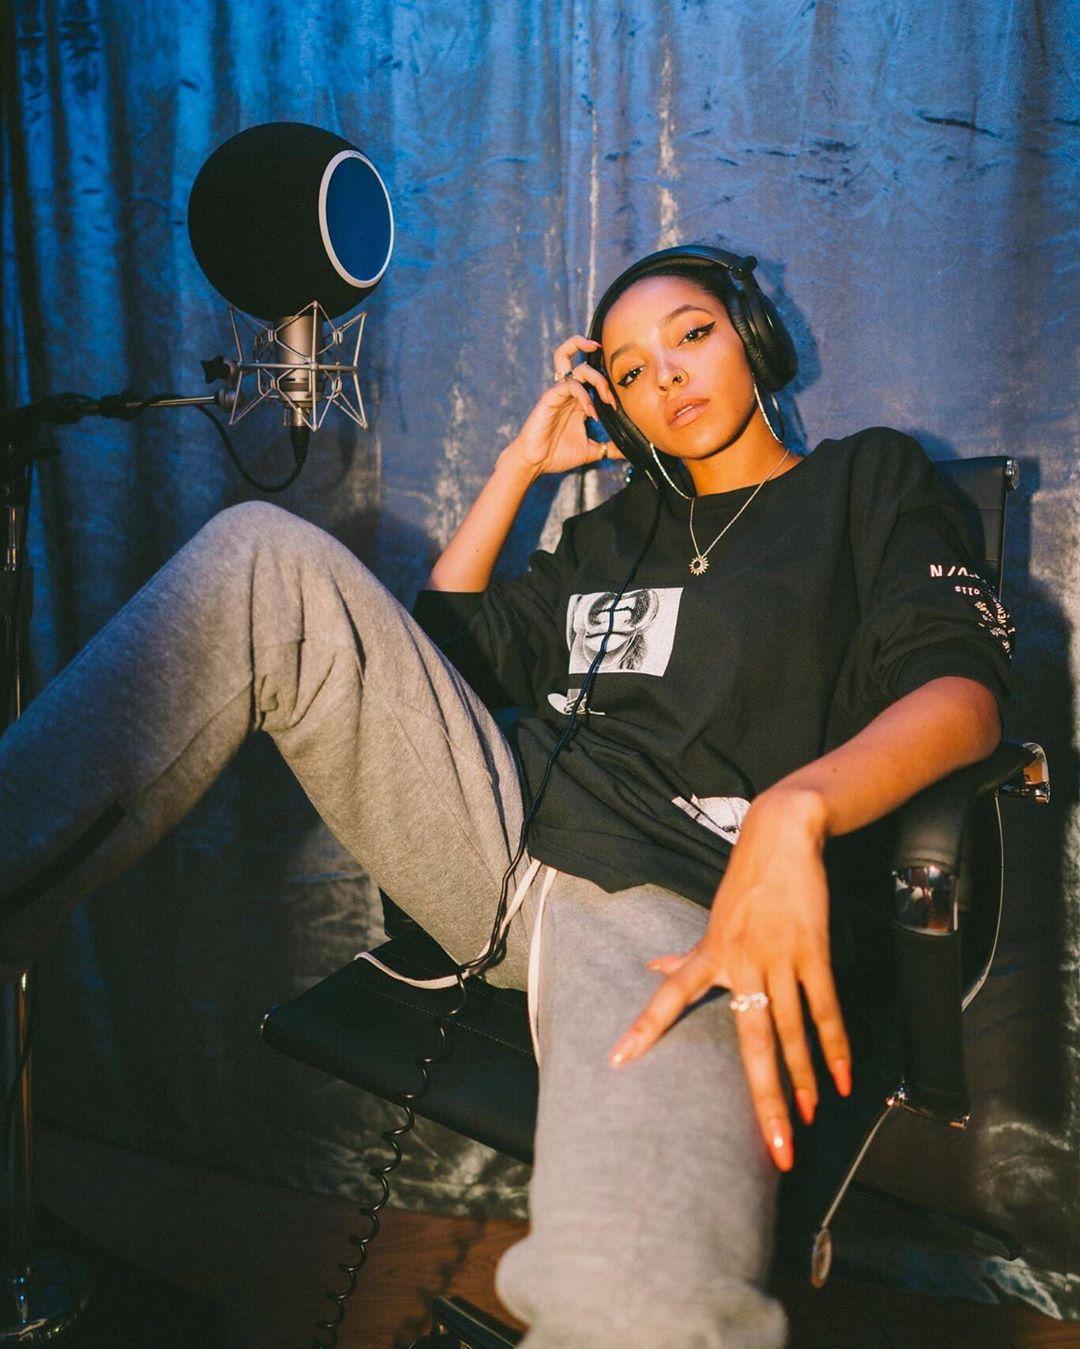 MOR.BO RIOT: Tinashe, la estrella pop y R&B que le dijo adiós a las disqueras para seguir su pasión